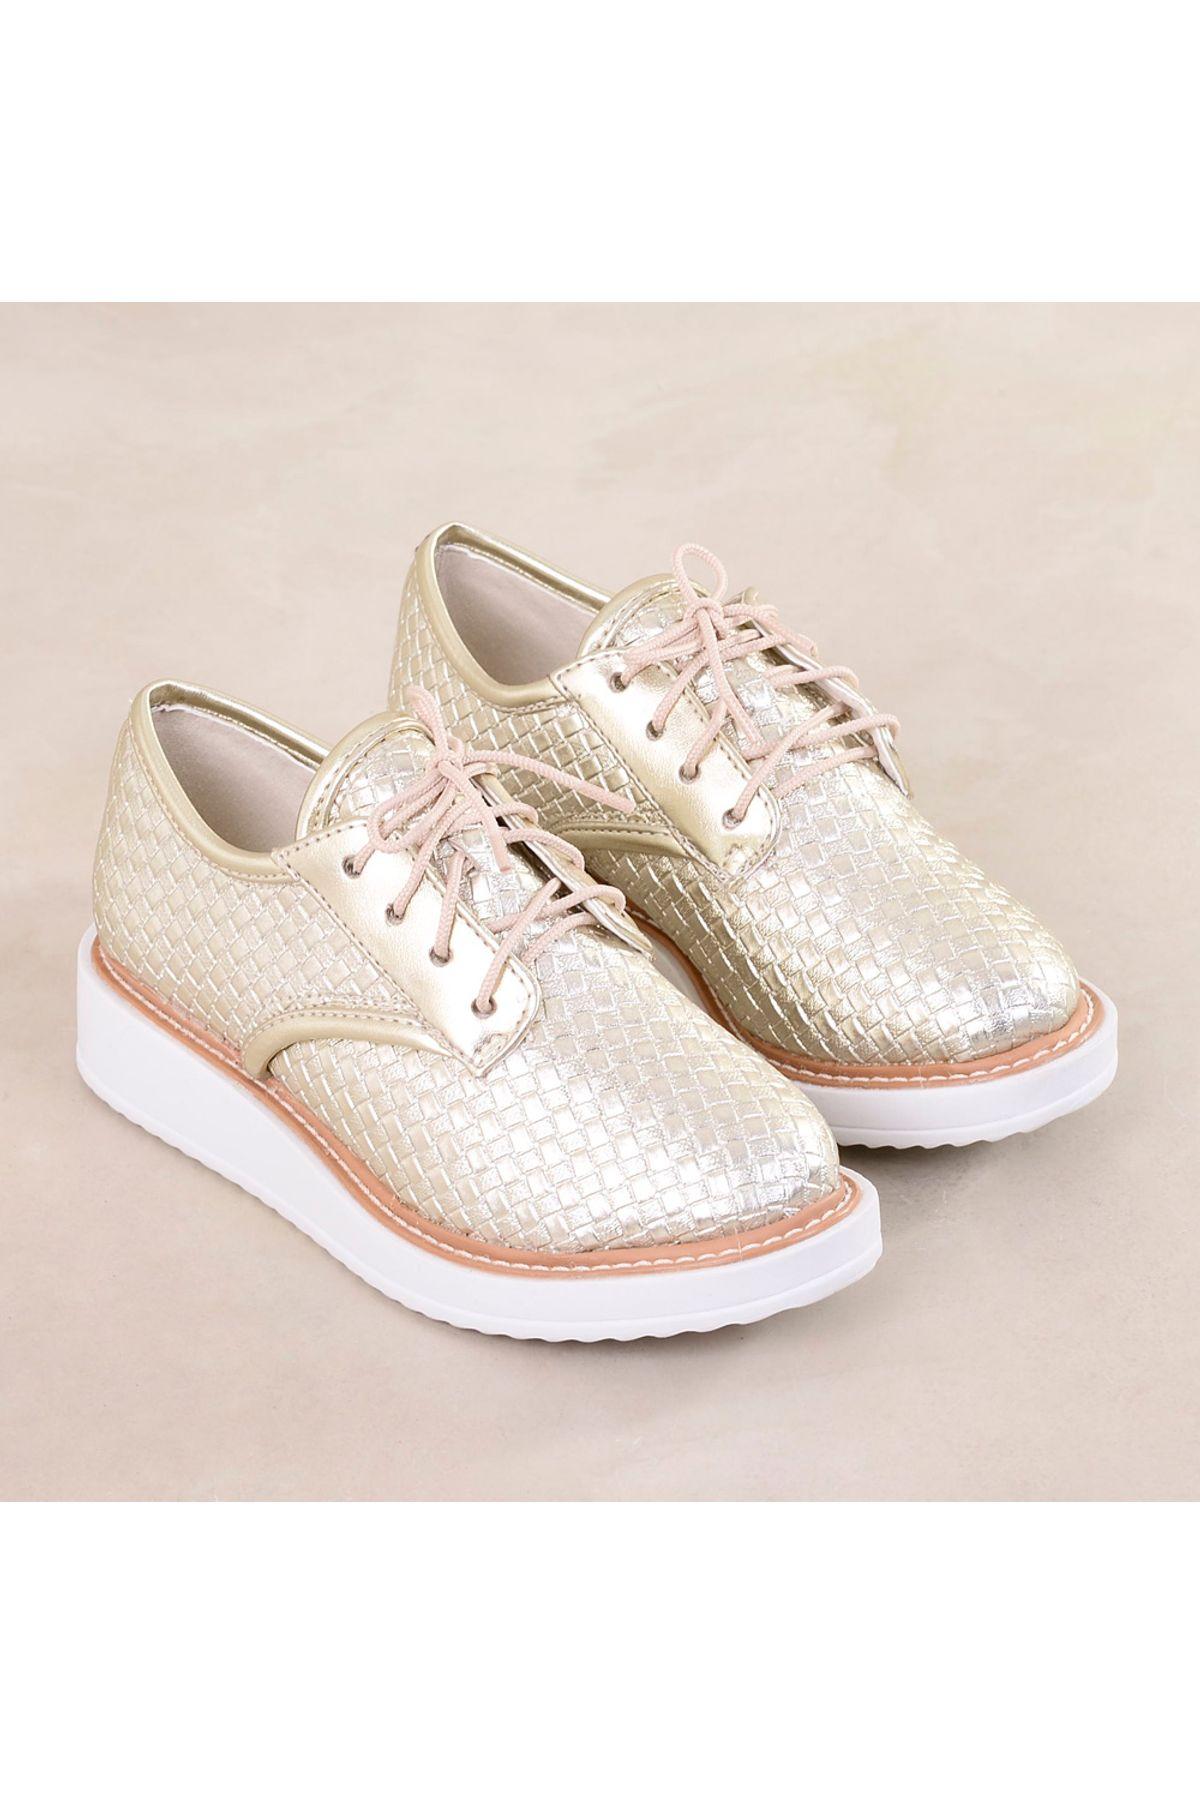 abe3d8527 Sapato Infantil Luiza Mundial   Mundial Calçados - Mundial Calçados